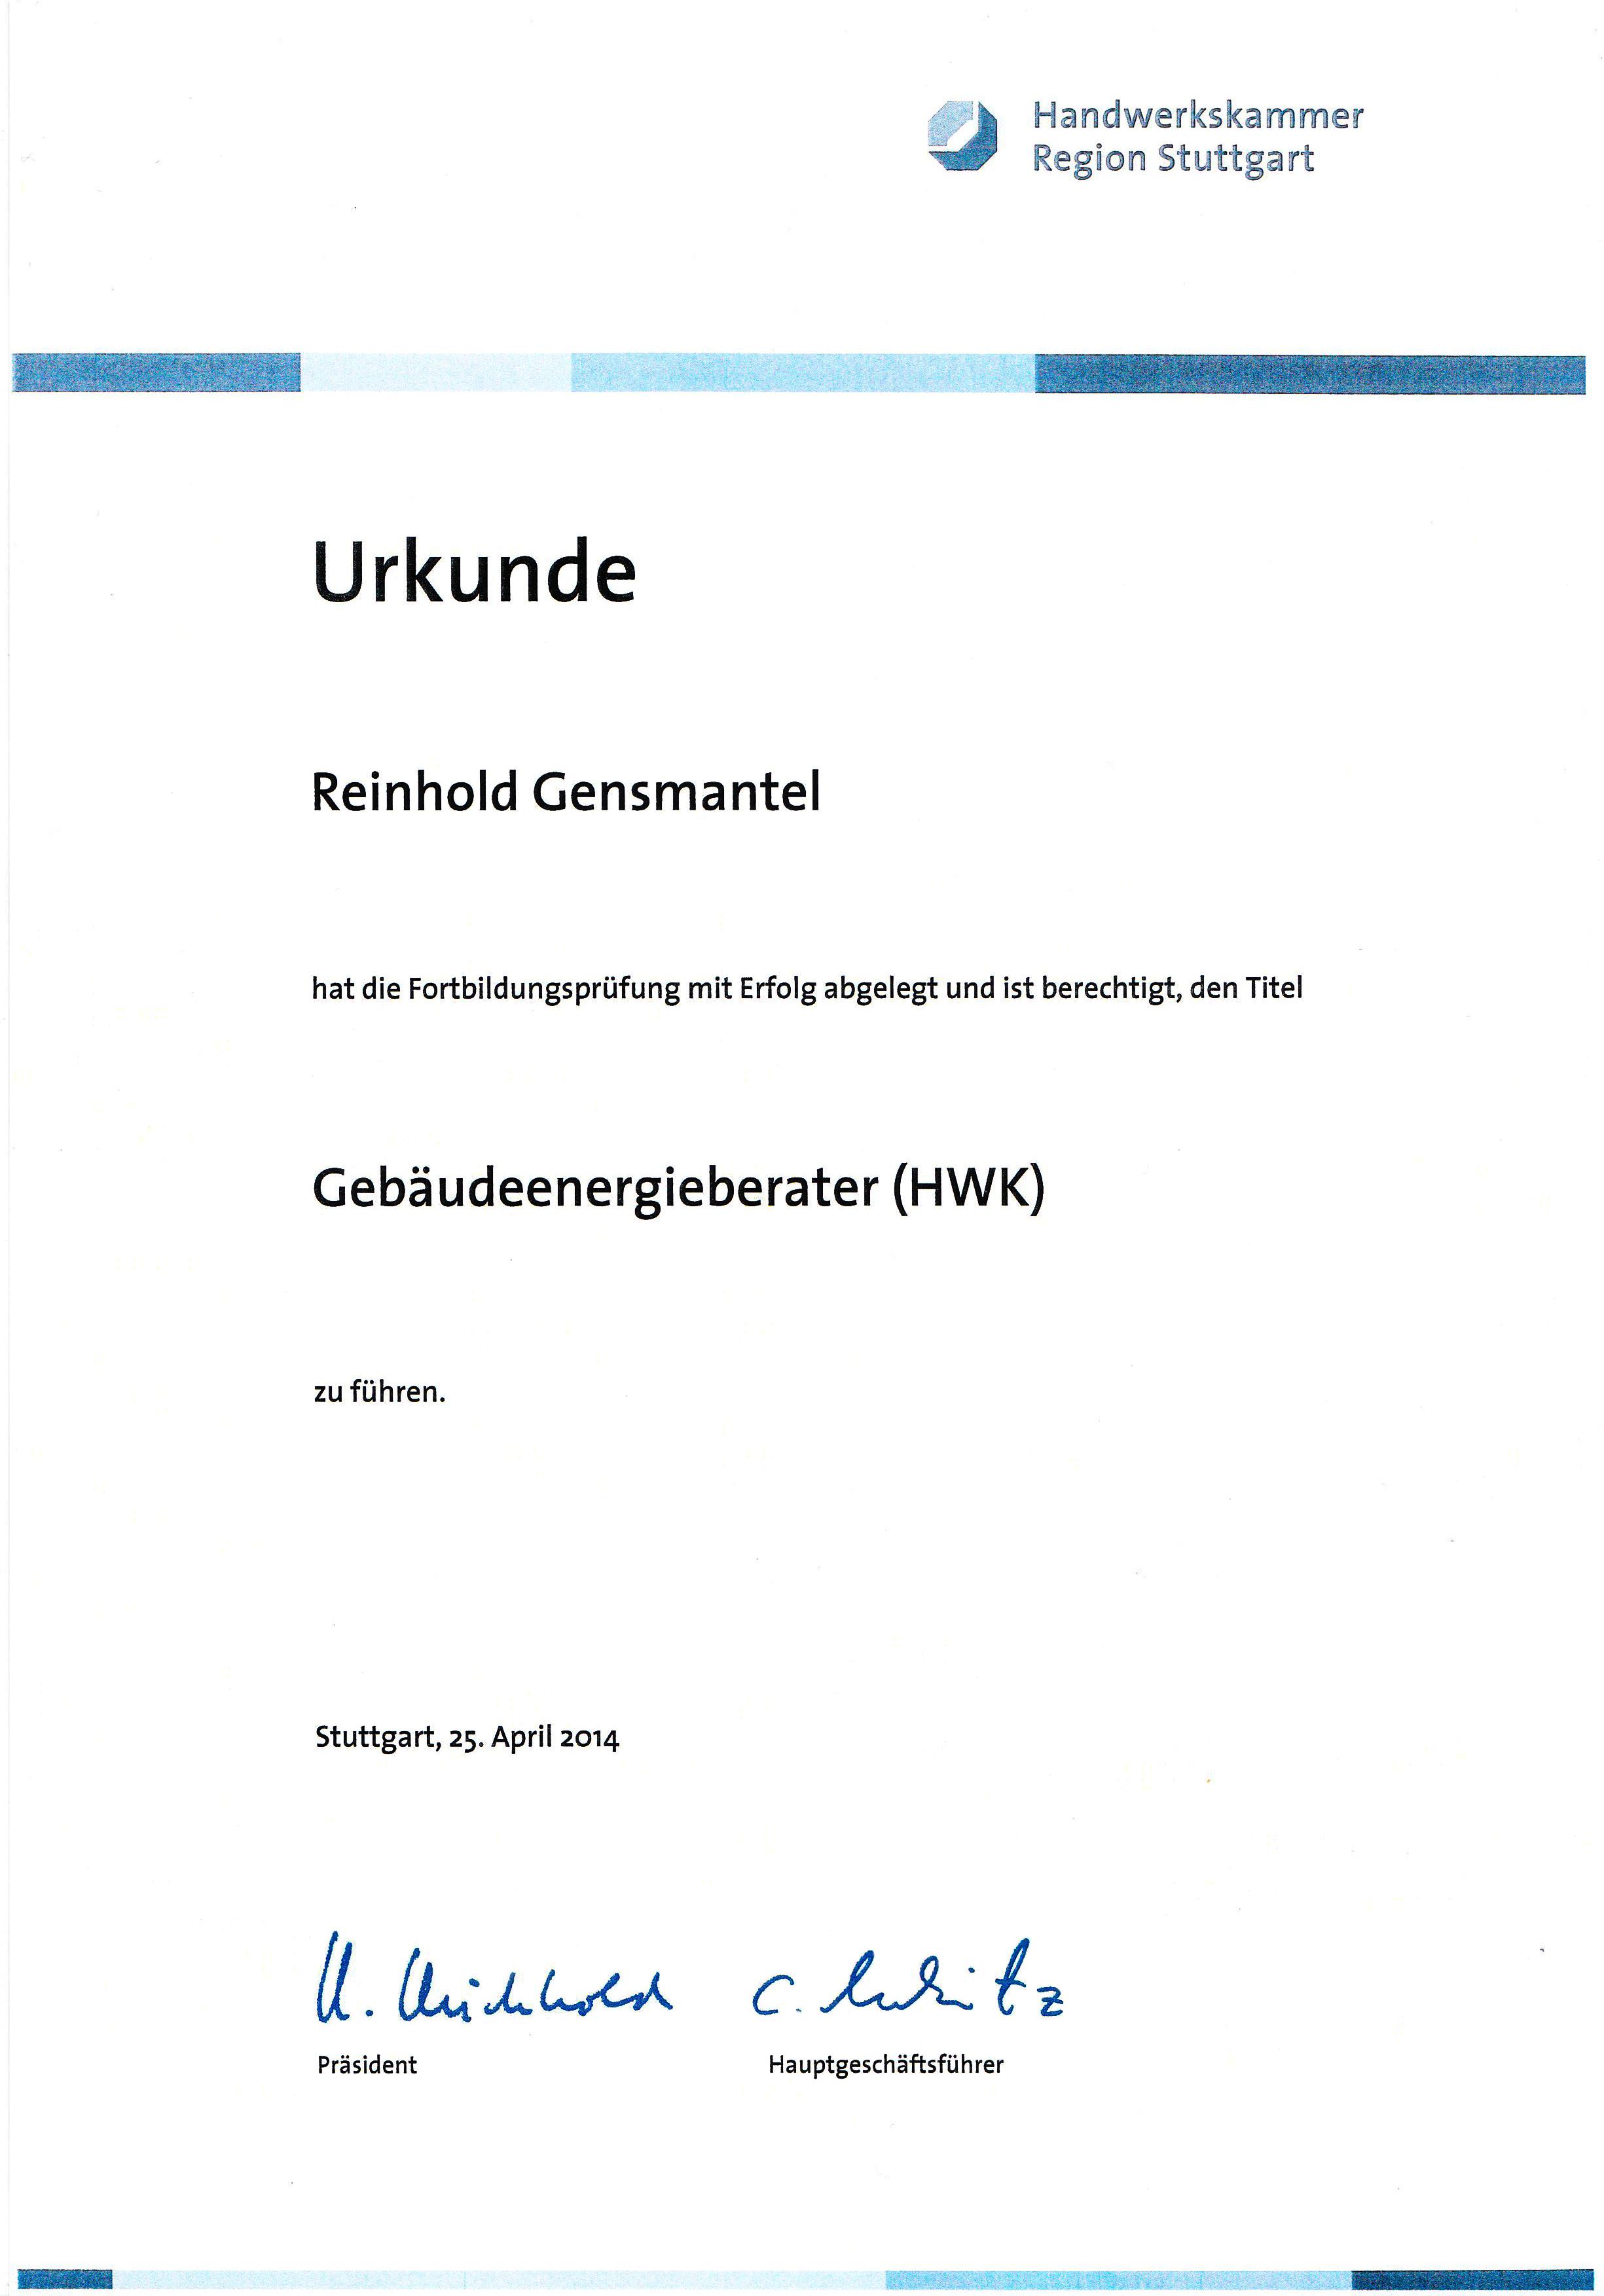 Urkunde Gebäudeenergieberater: